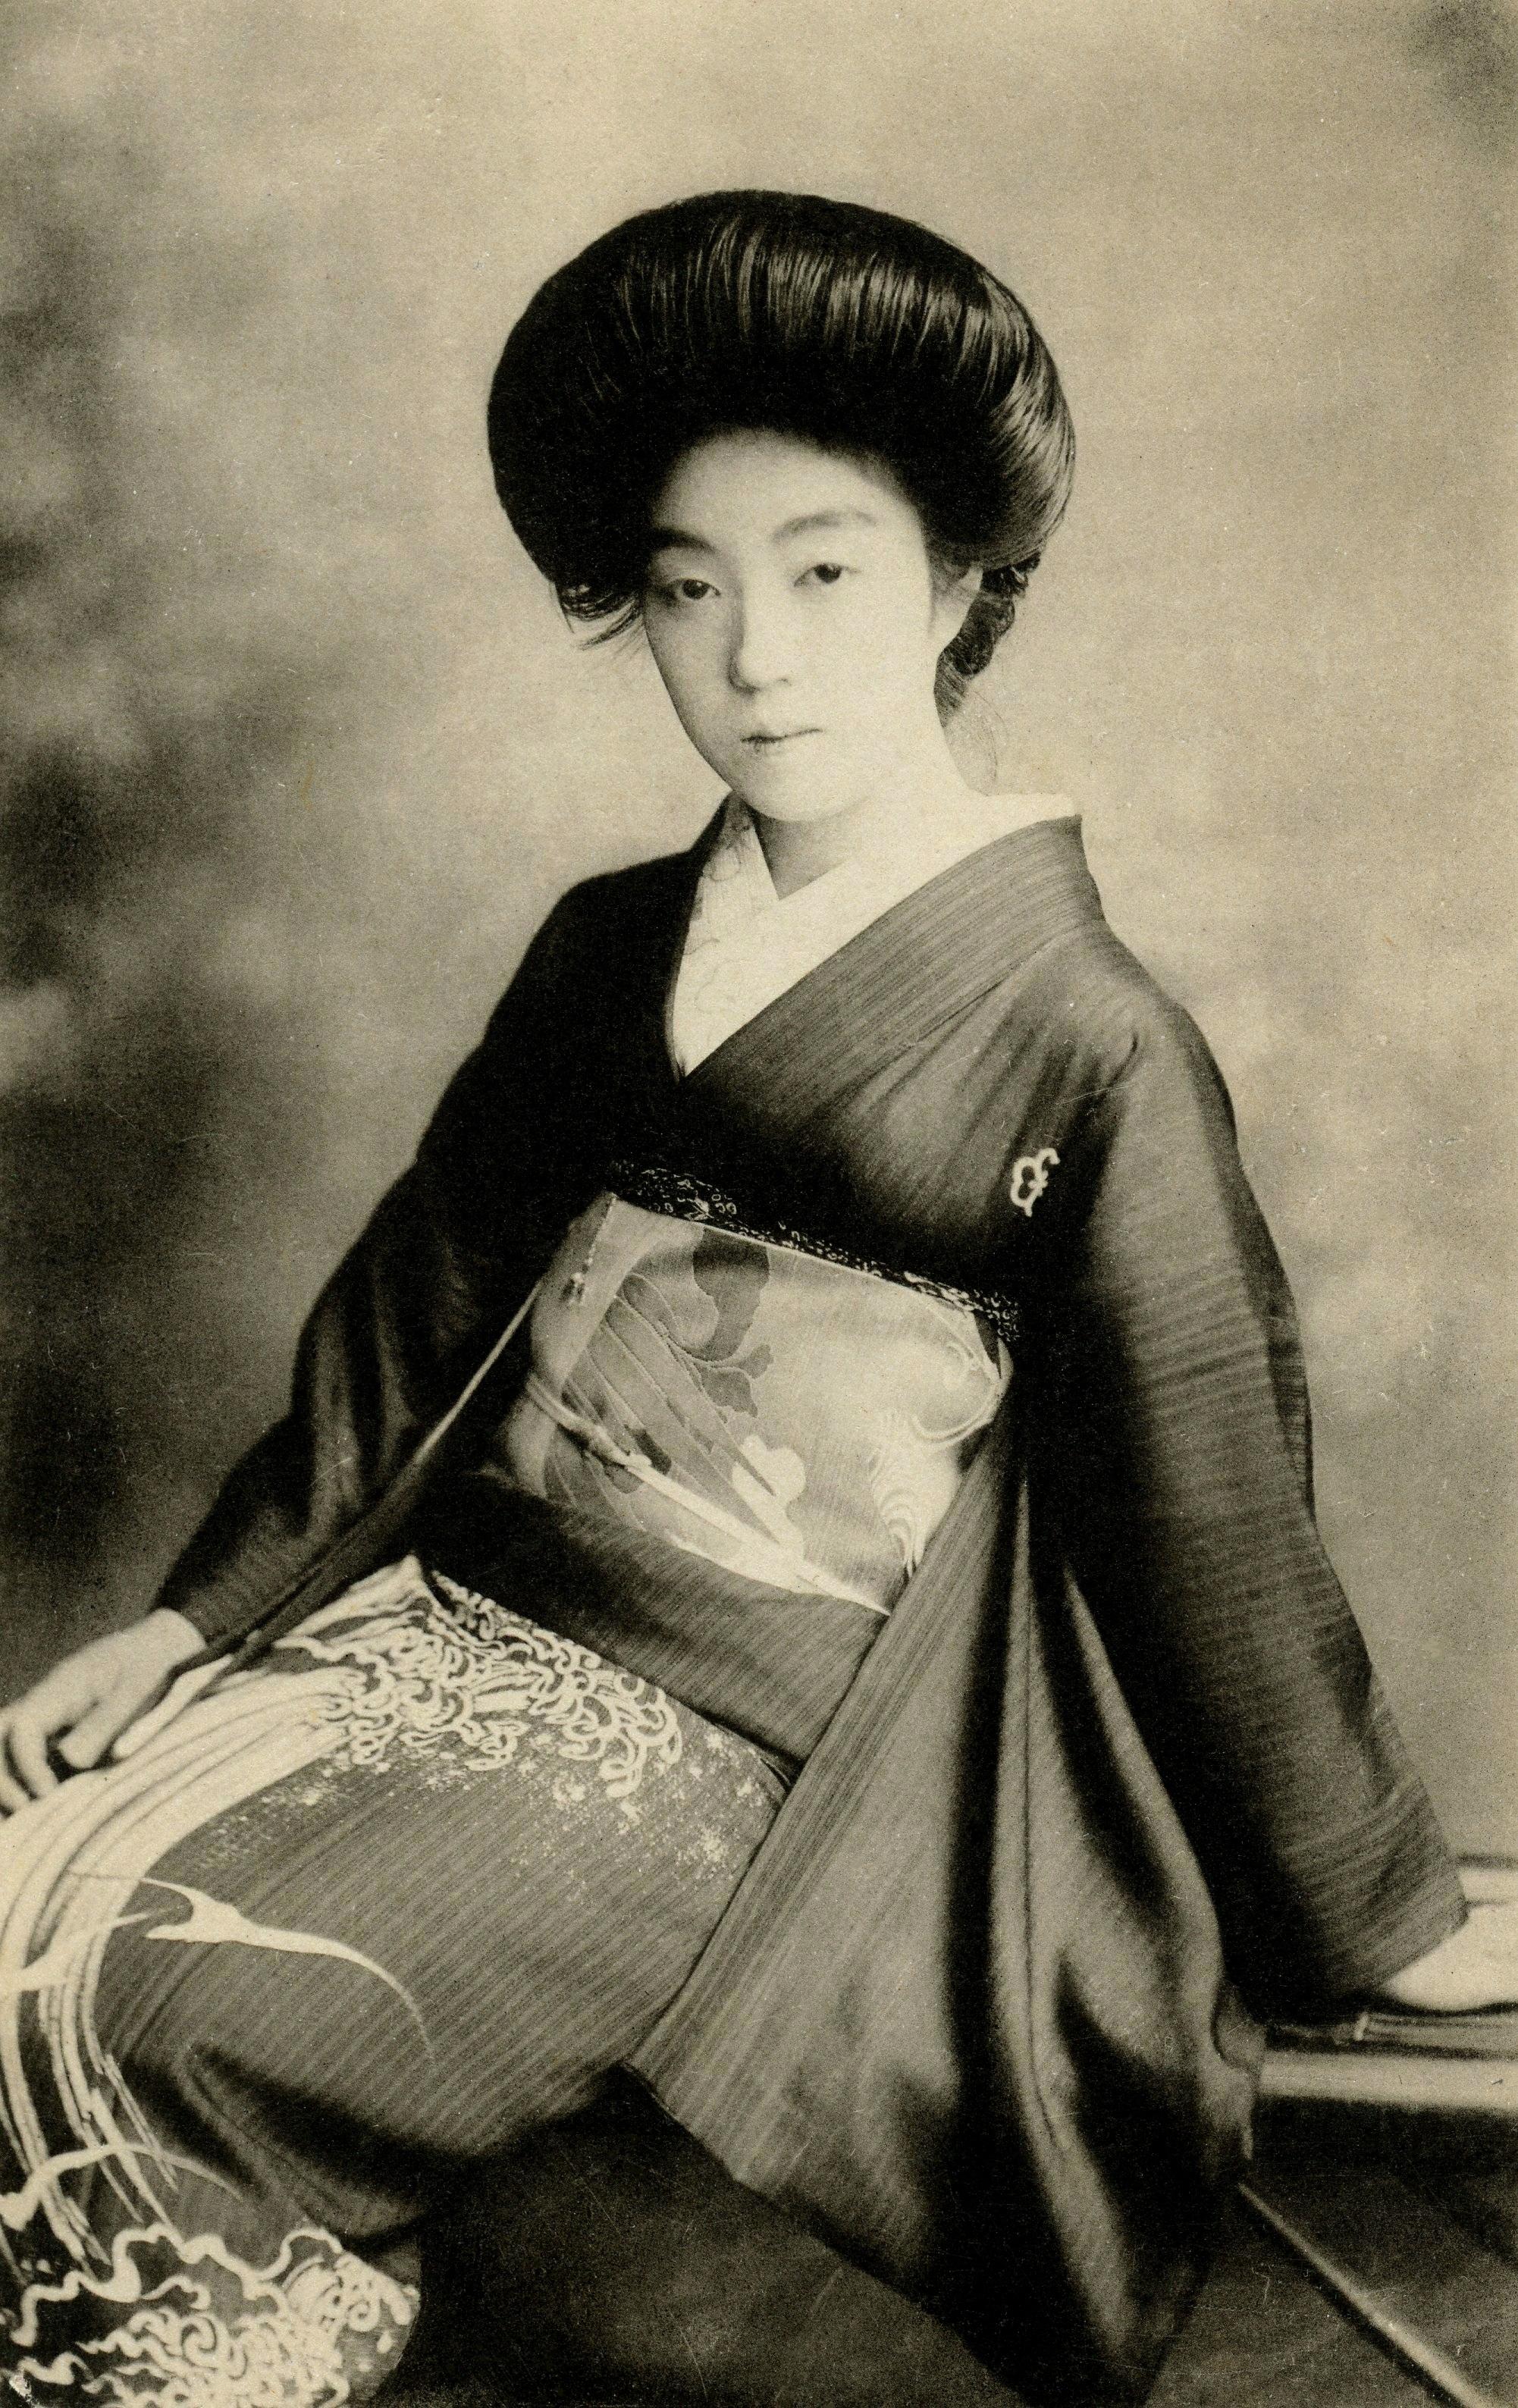 Vintage Geisha Photo image - Free stock photo - Public